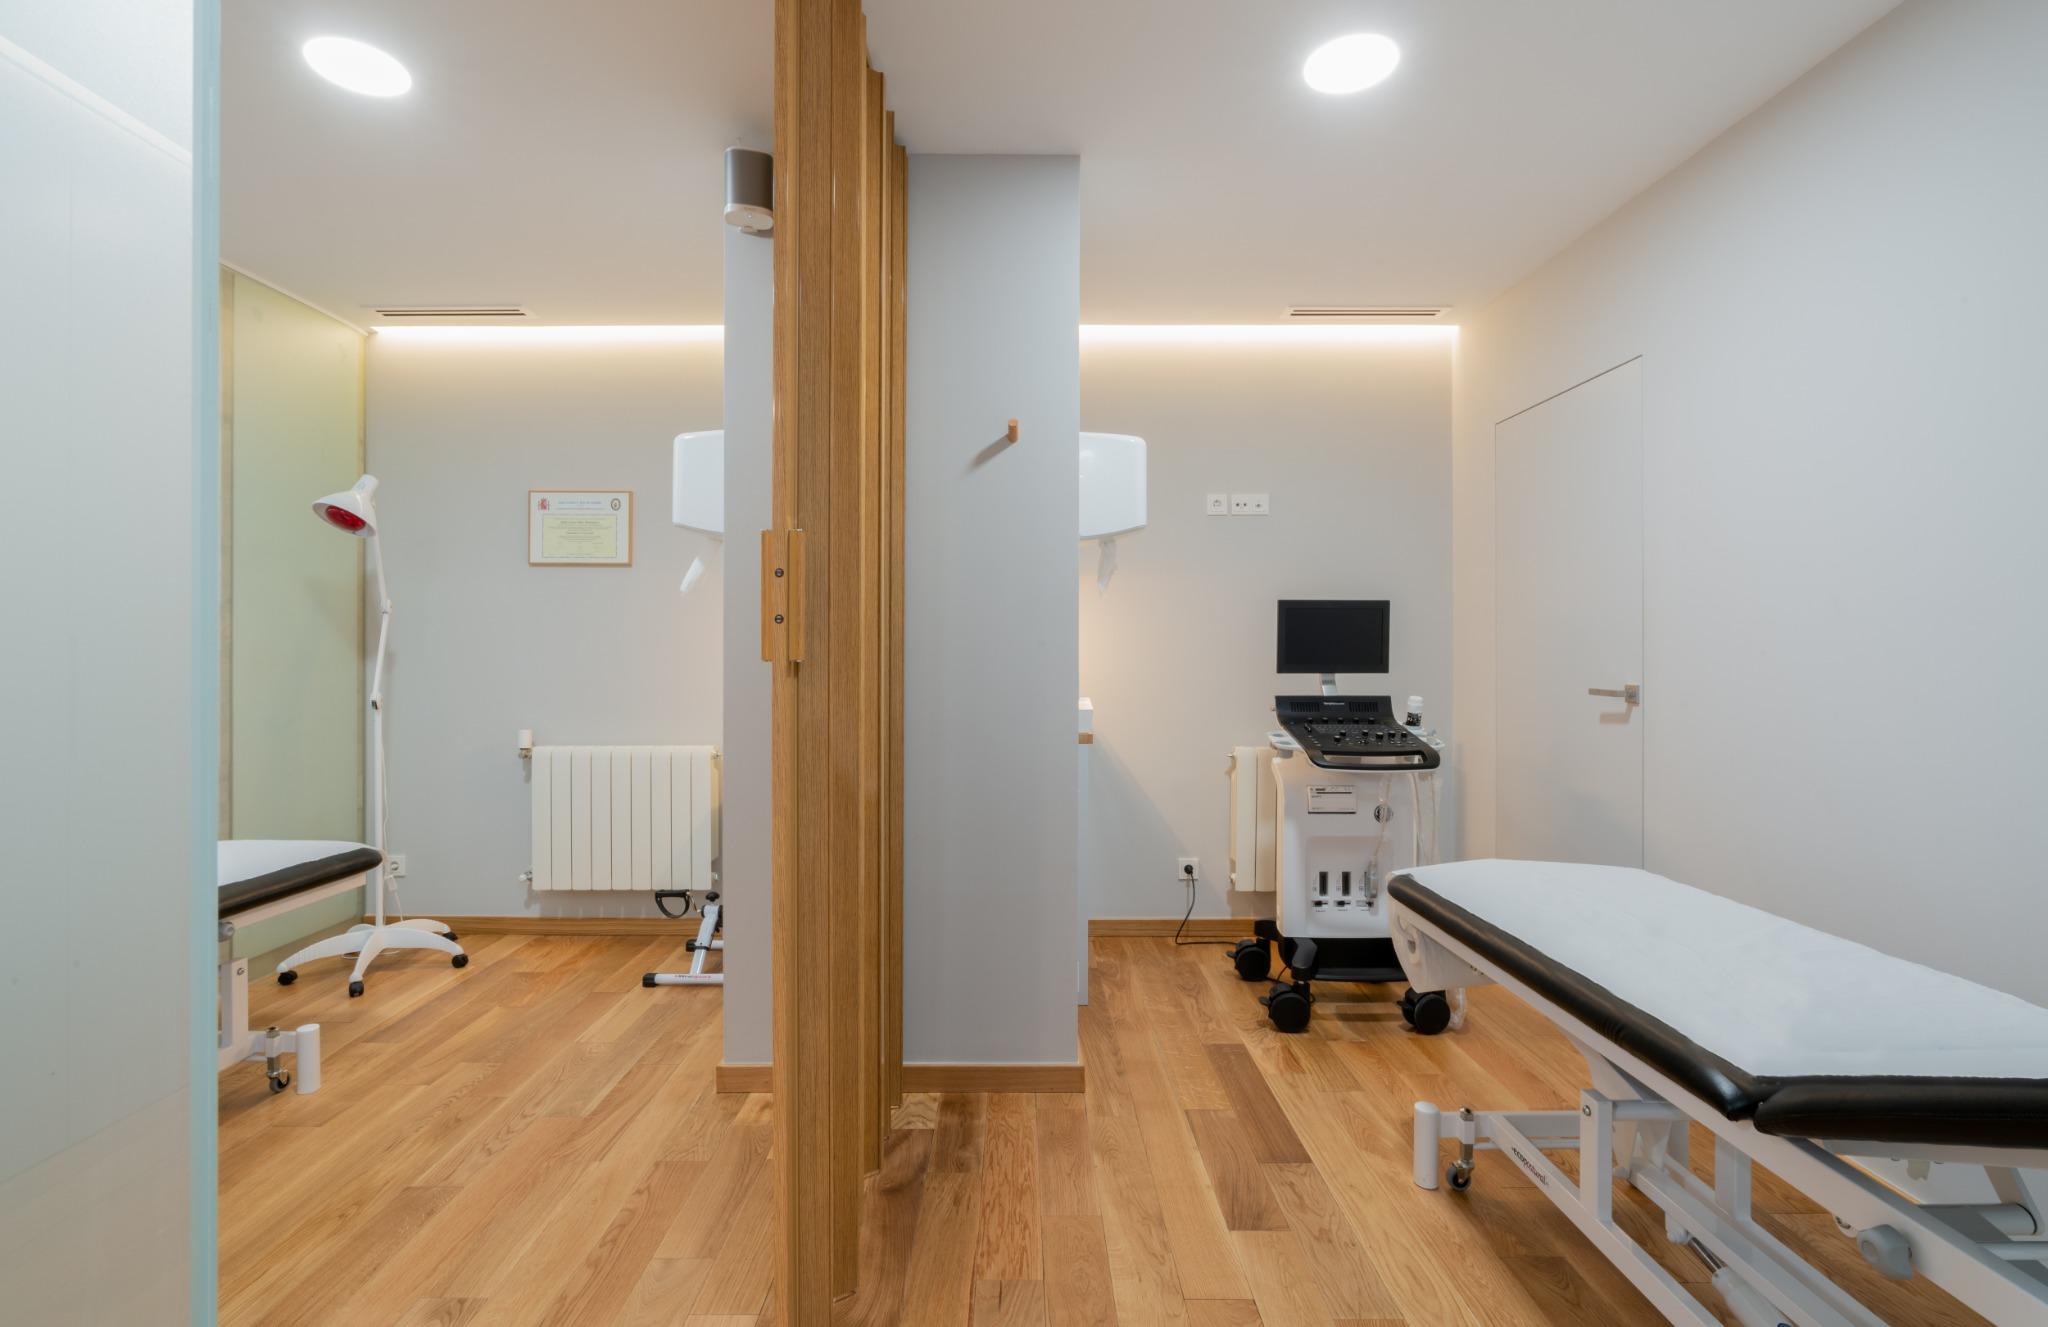 vivienda_sanitarios_el_hogar_digital (6)